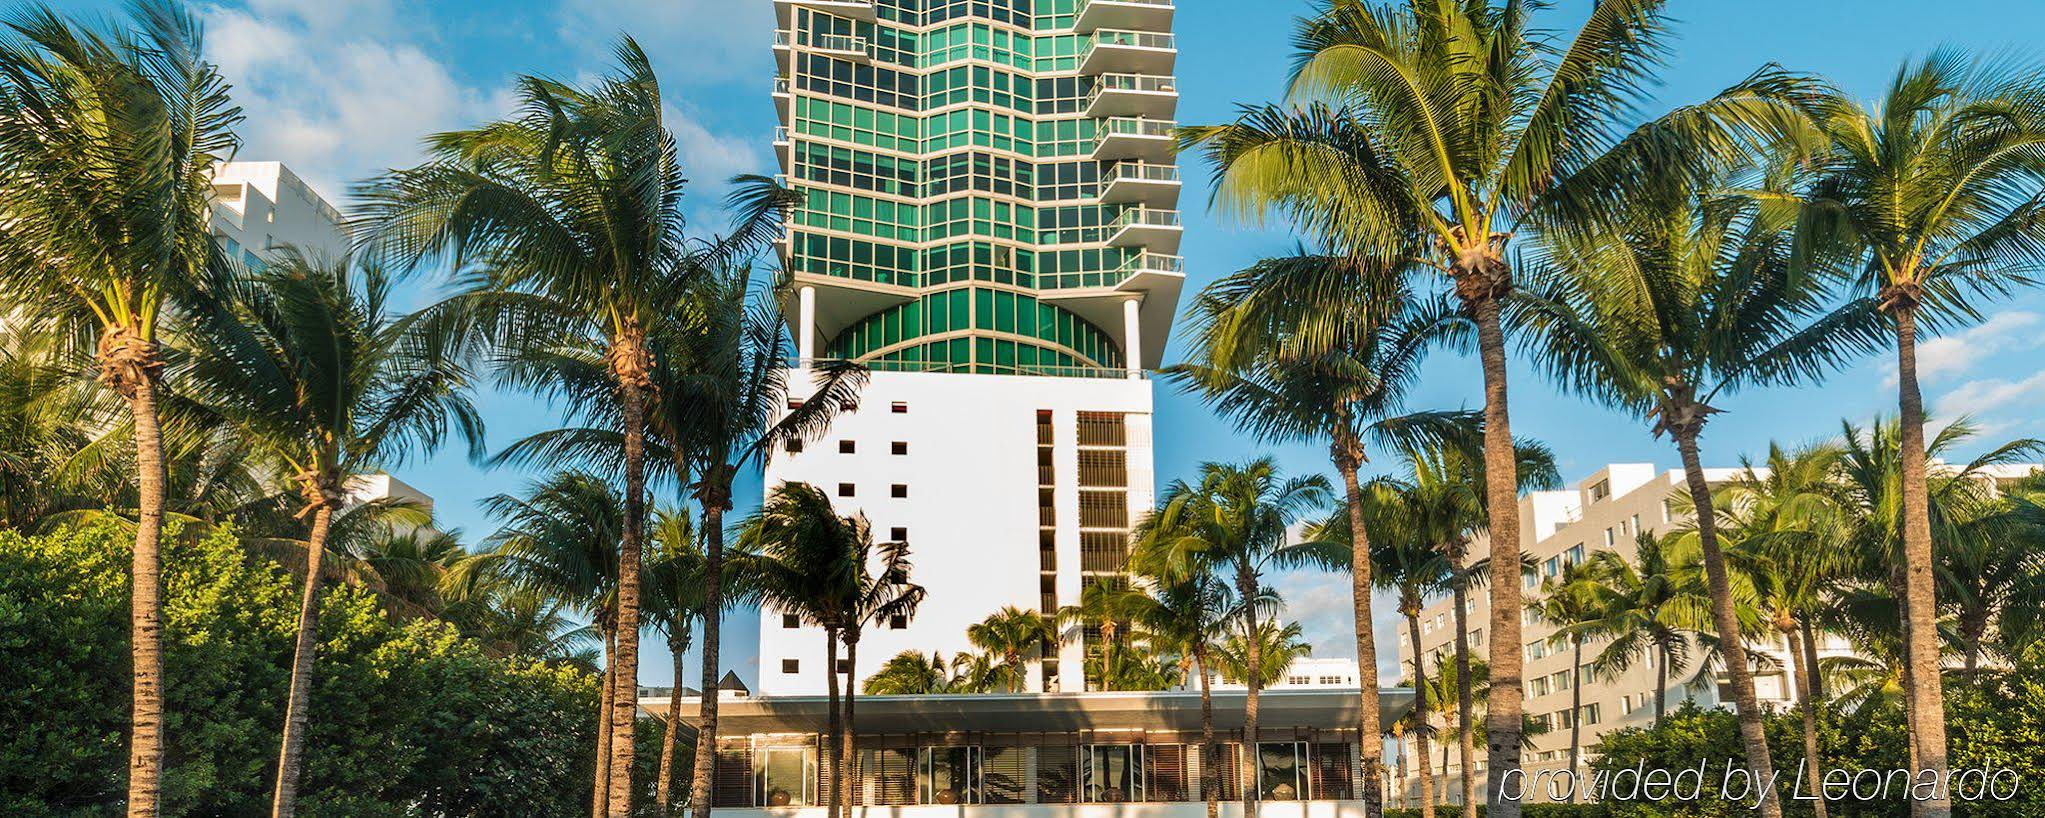 The Setai, South Beach